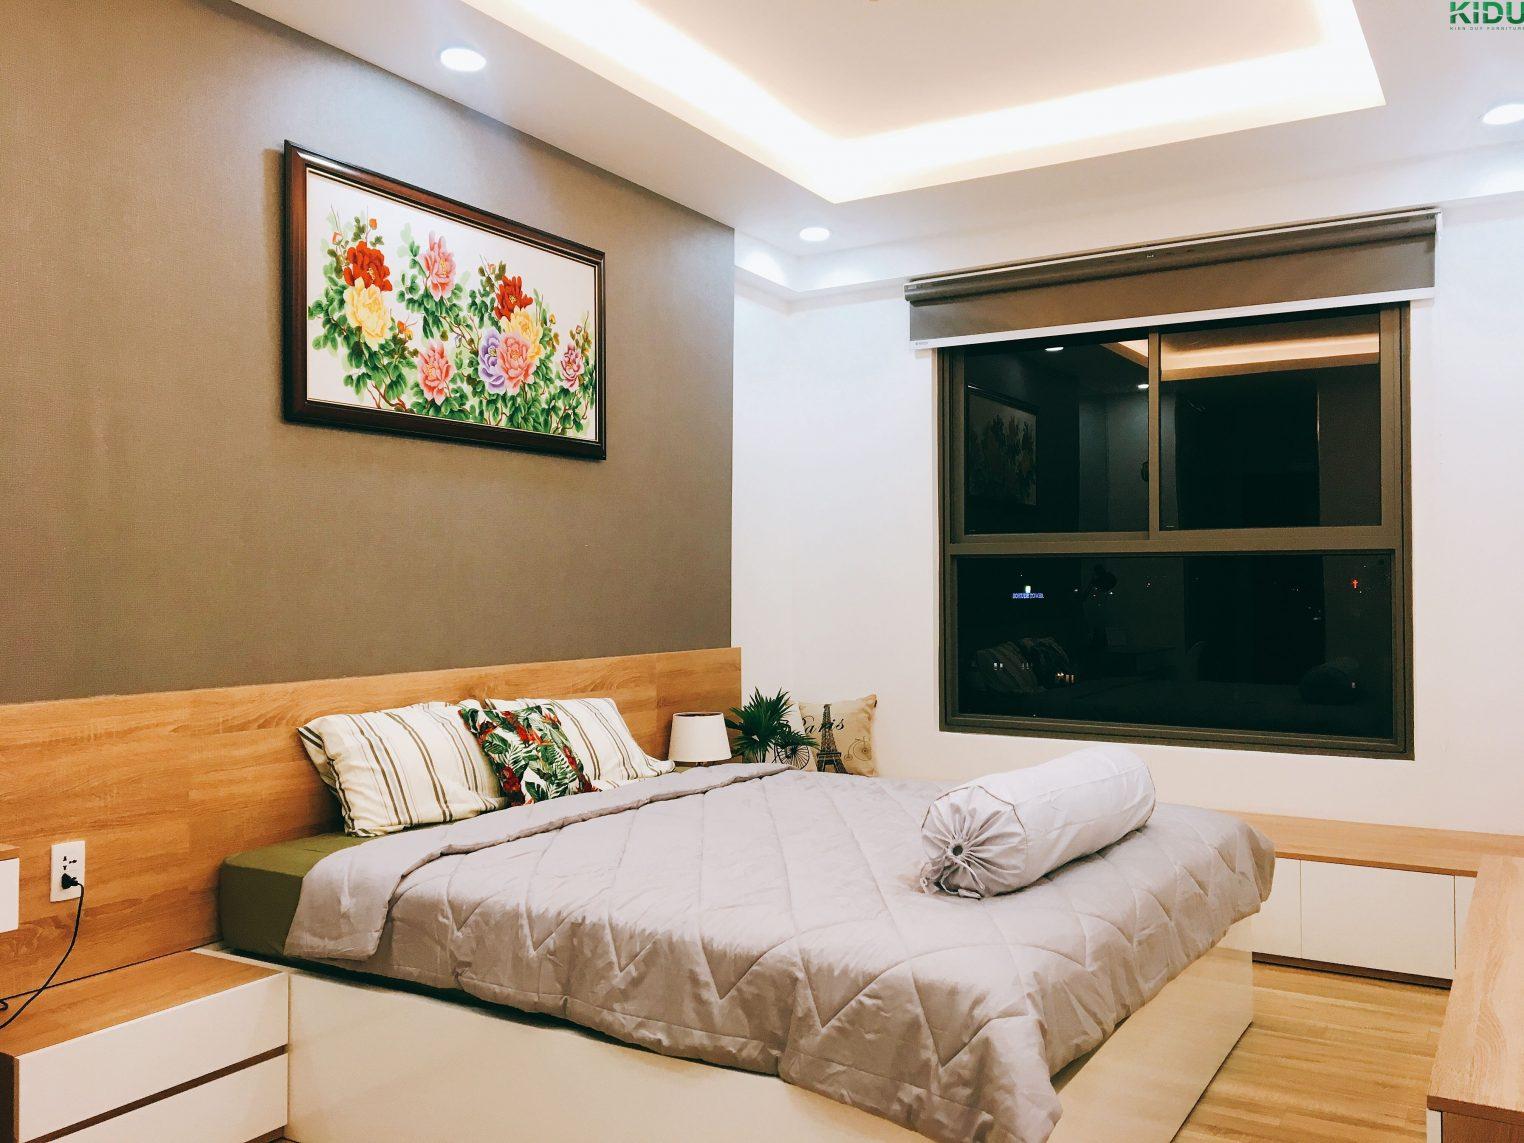 Thiết kế phòng ngủ mang lại sự thoải mái giúp người sử dụng có thể ngủ ngon hơn